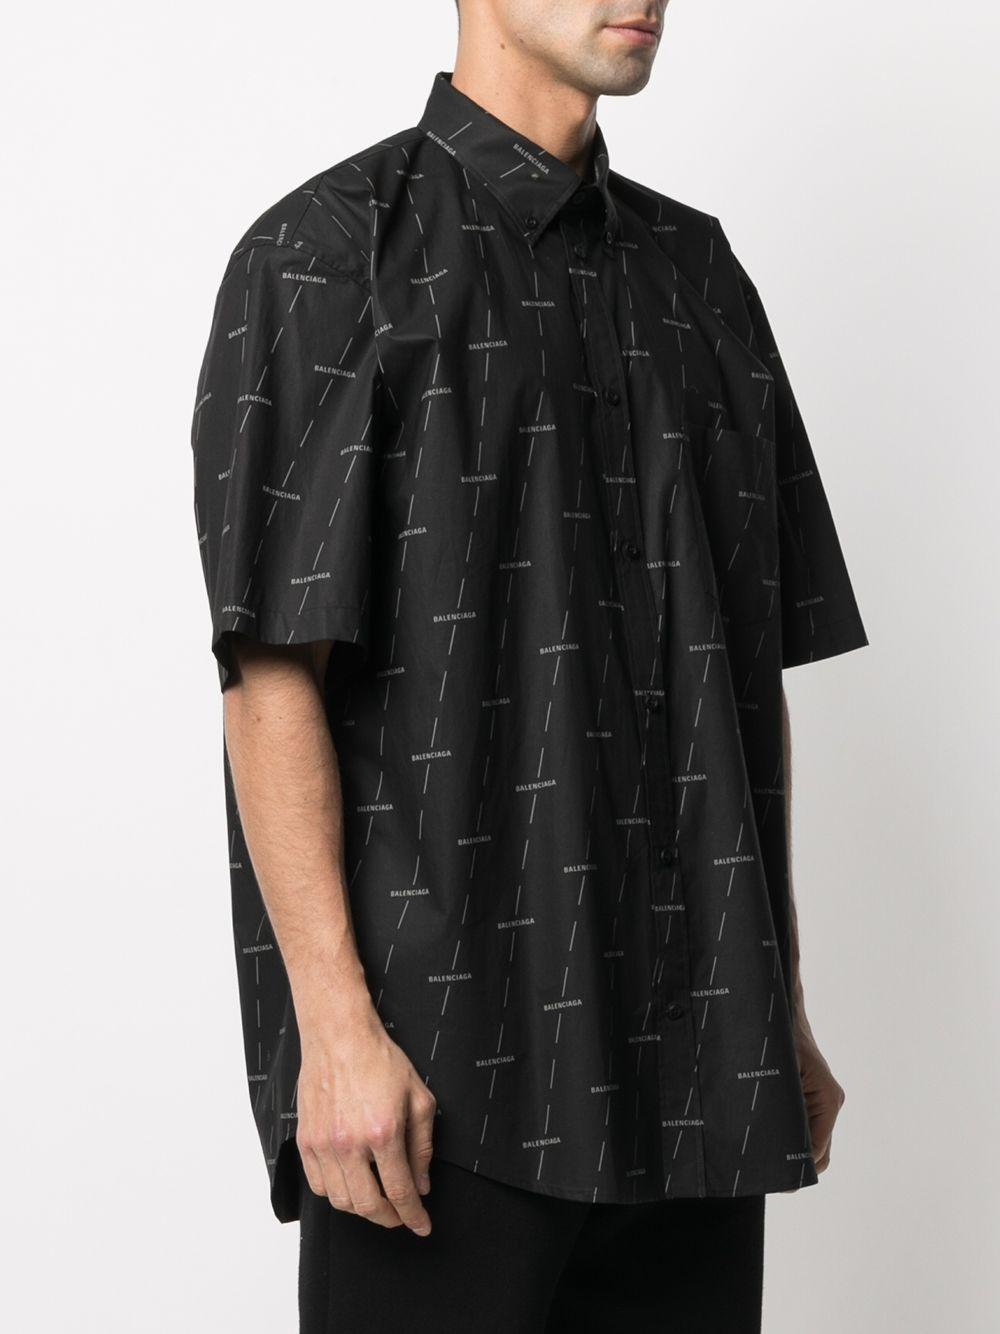 Black cotton short-sleeve shirt featuring white all-over Balenciaga logo print BALENCIAGA |  | 534332-TJLF31269